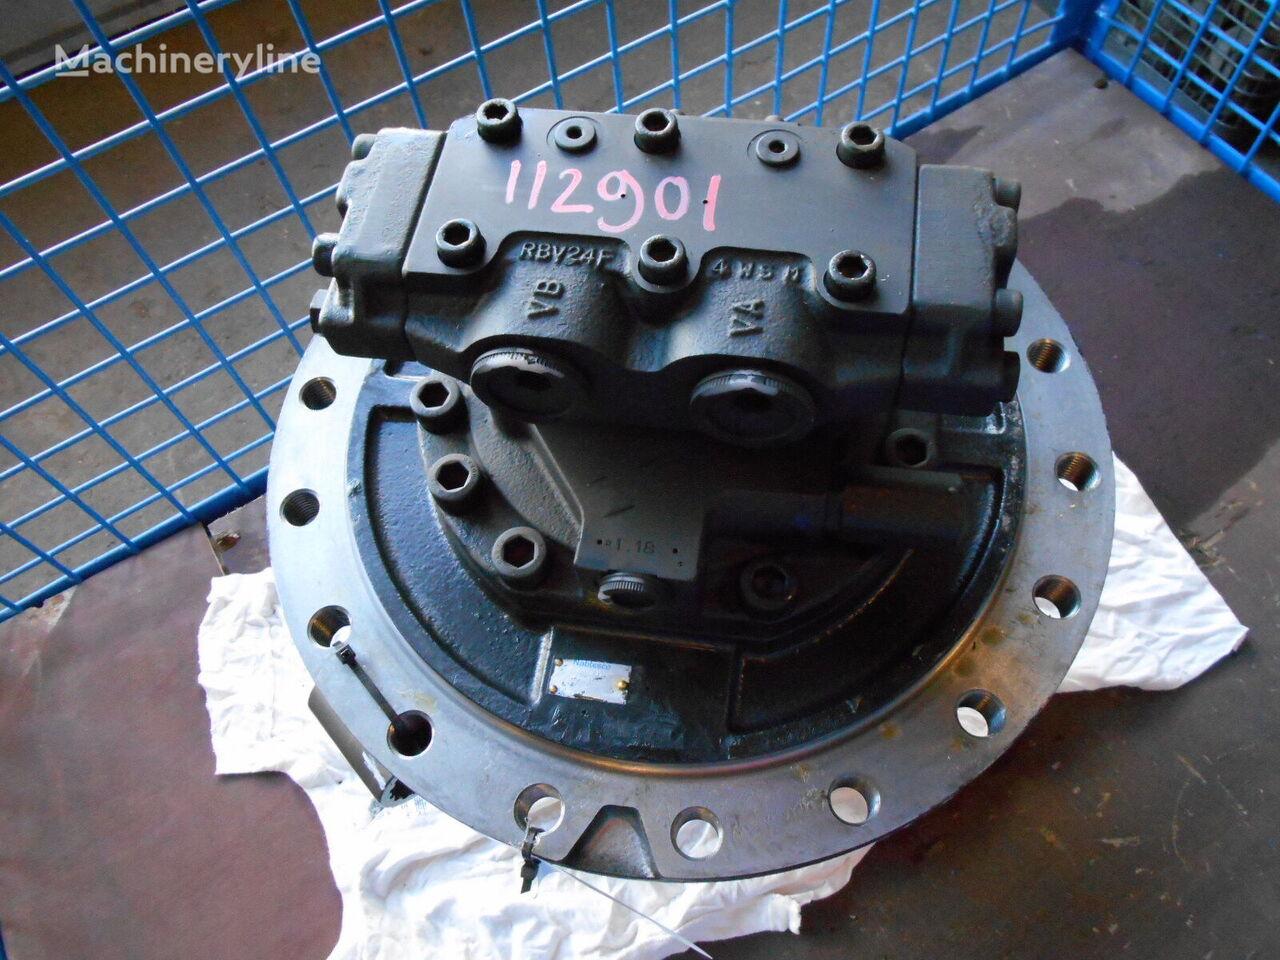 εκσκαφέας CASE CX330 για υδραυλικός κινητήρας CASE Nabtesco M3V290/170A